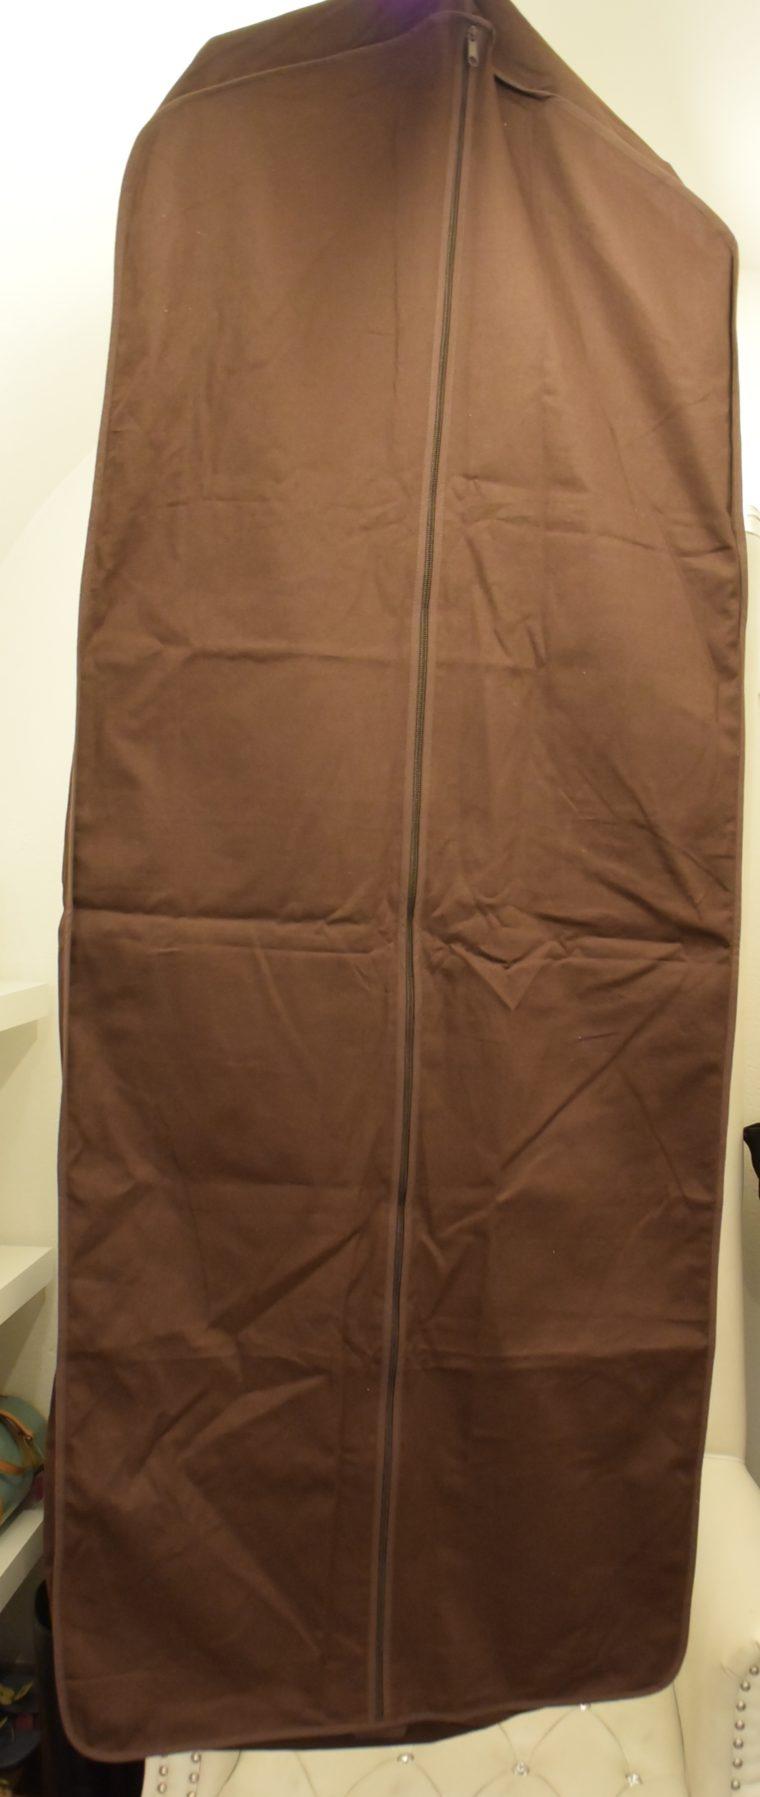 Louis Vuitton Kleiderhülle Kleidersack groß braun-12982